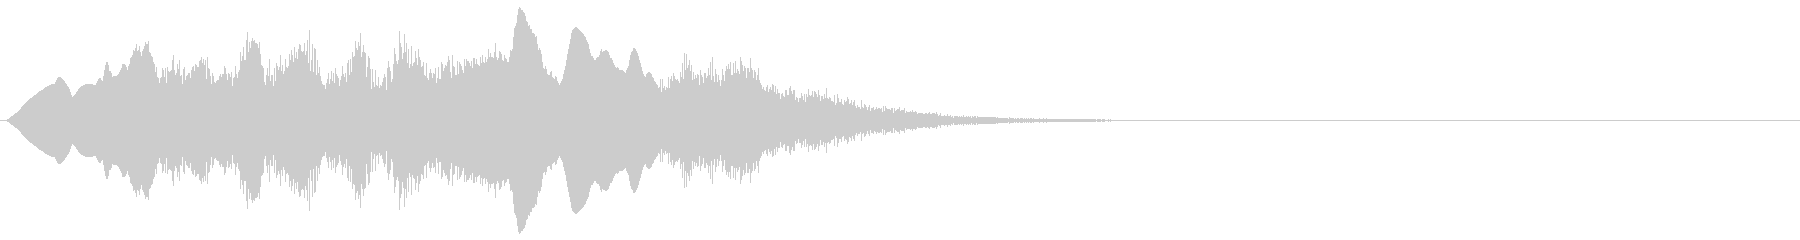 フーワォーンキャララン(特集・まとめ)の未再生の波形